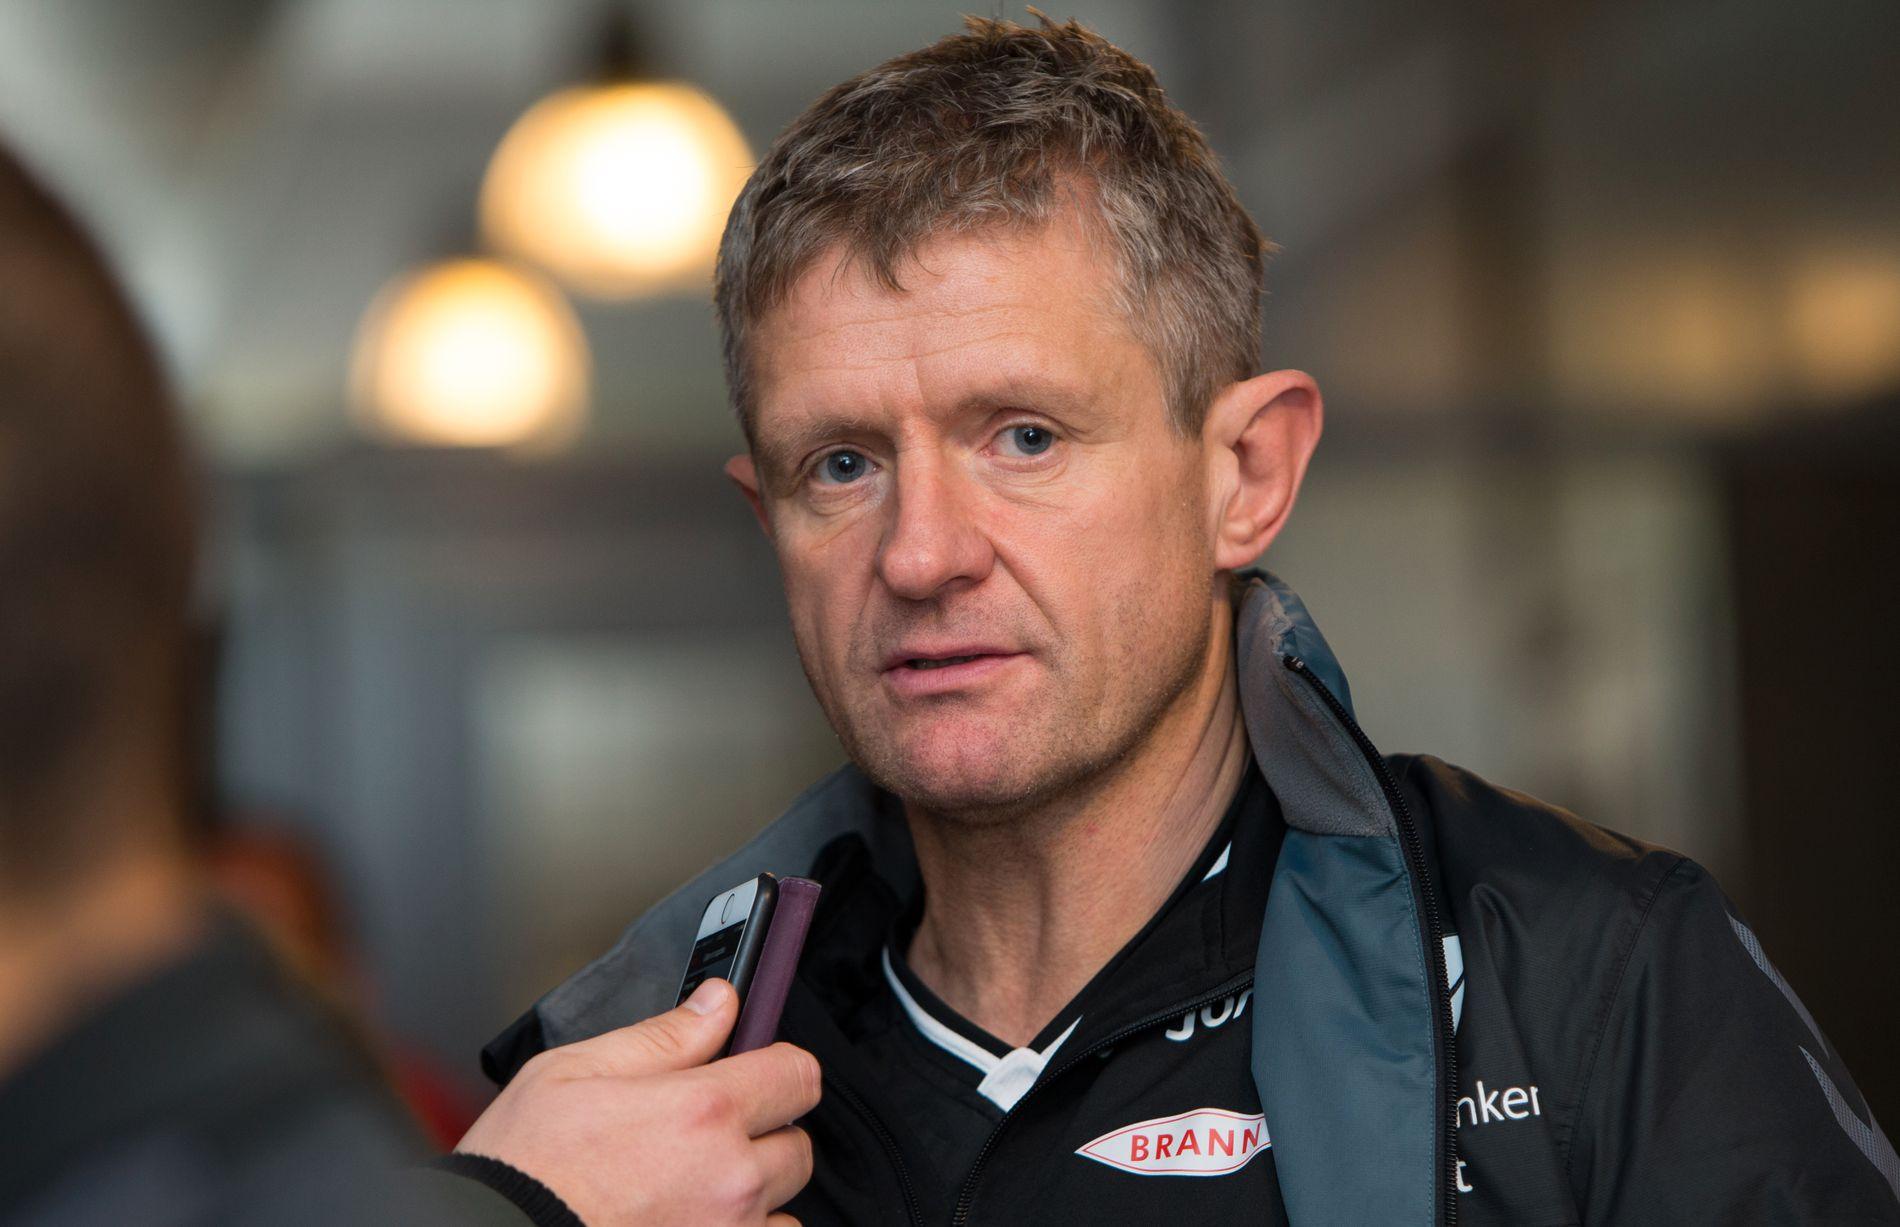 HÅPER PÅ BEDRING: Lars Arne Nilsen håper den skadde Brann-supporteren kommer seg etter ulykken.